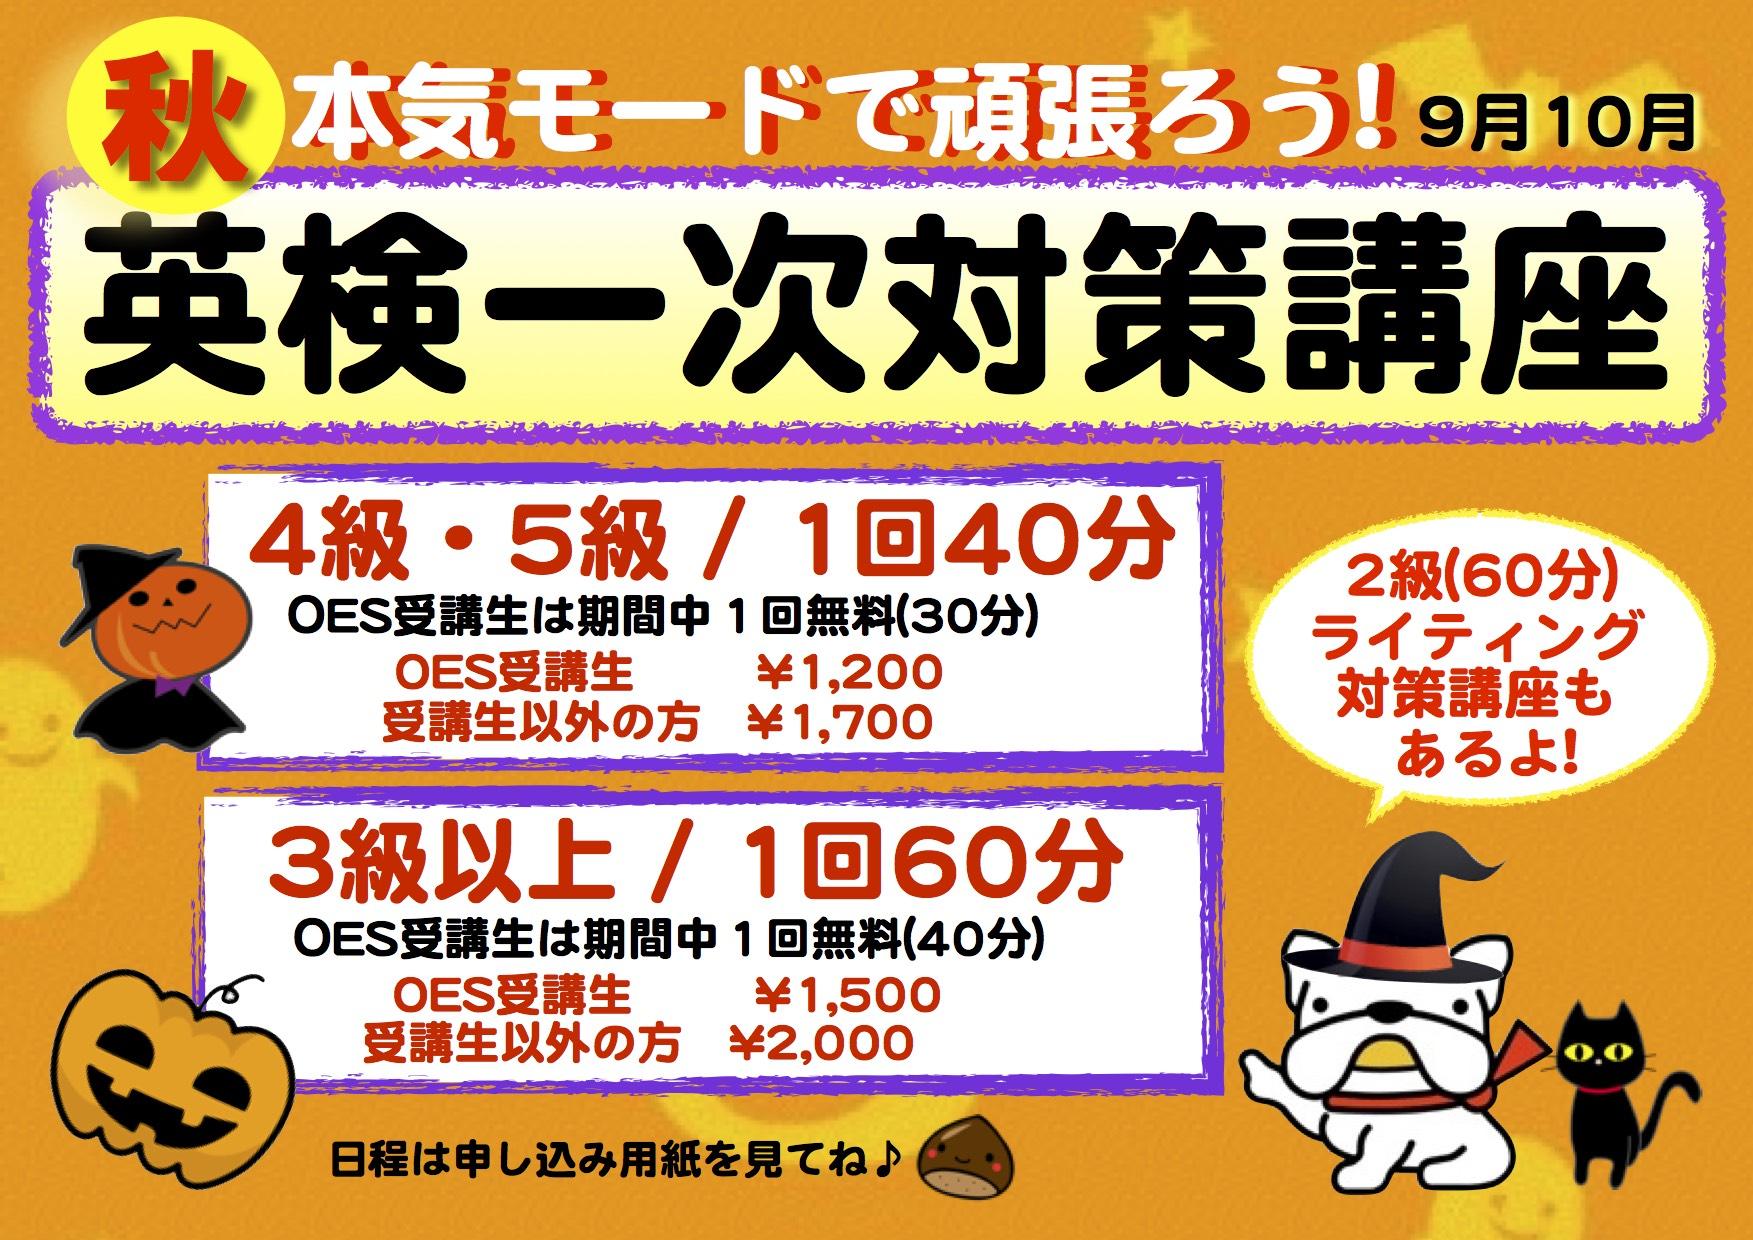 英検一次対策講座 ポスター 2016秋 40分:60分